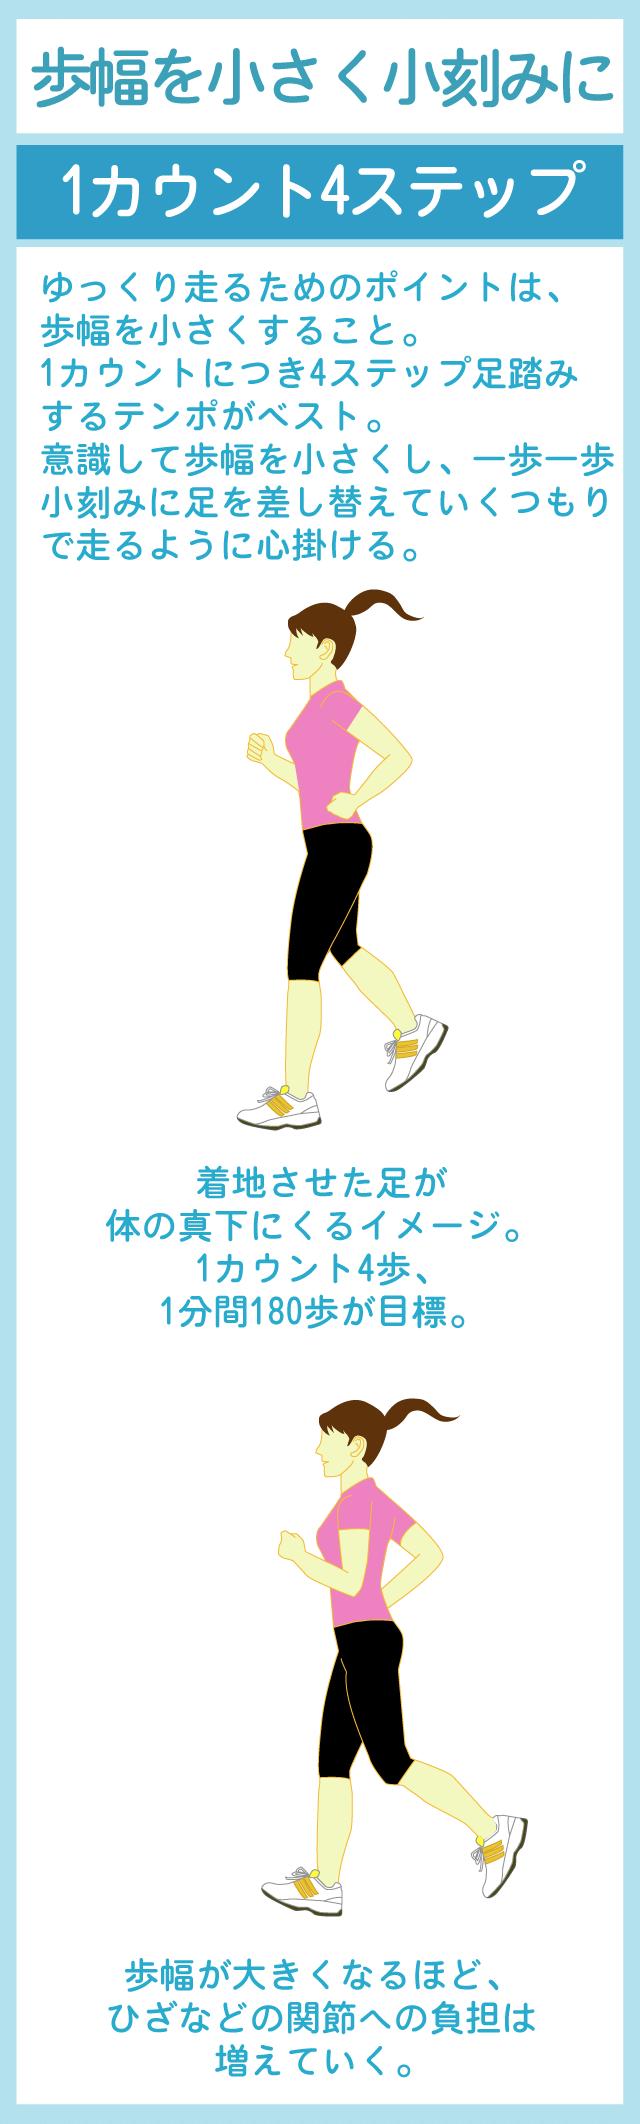 1秒4歩刻みを基本にするスロージョギング